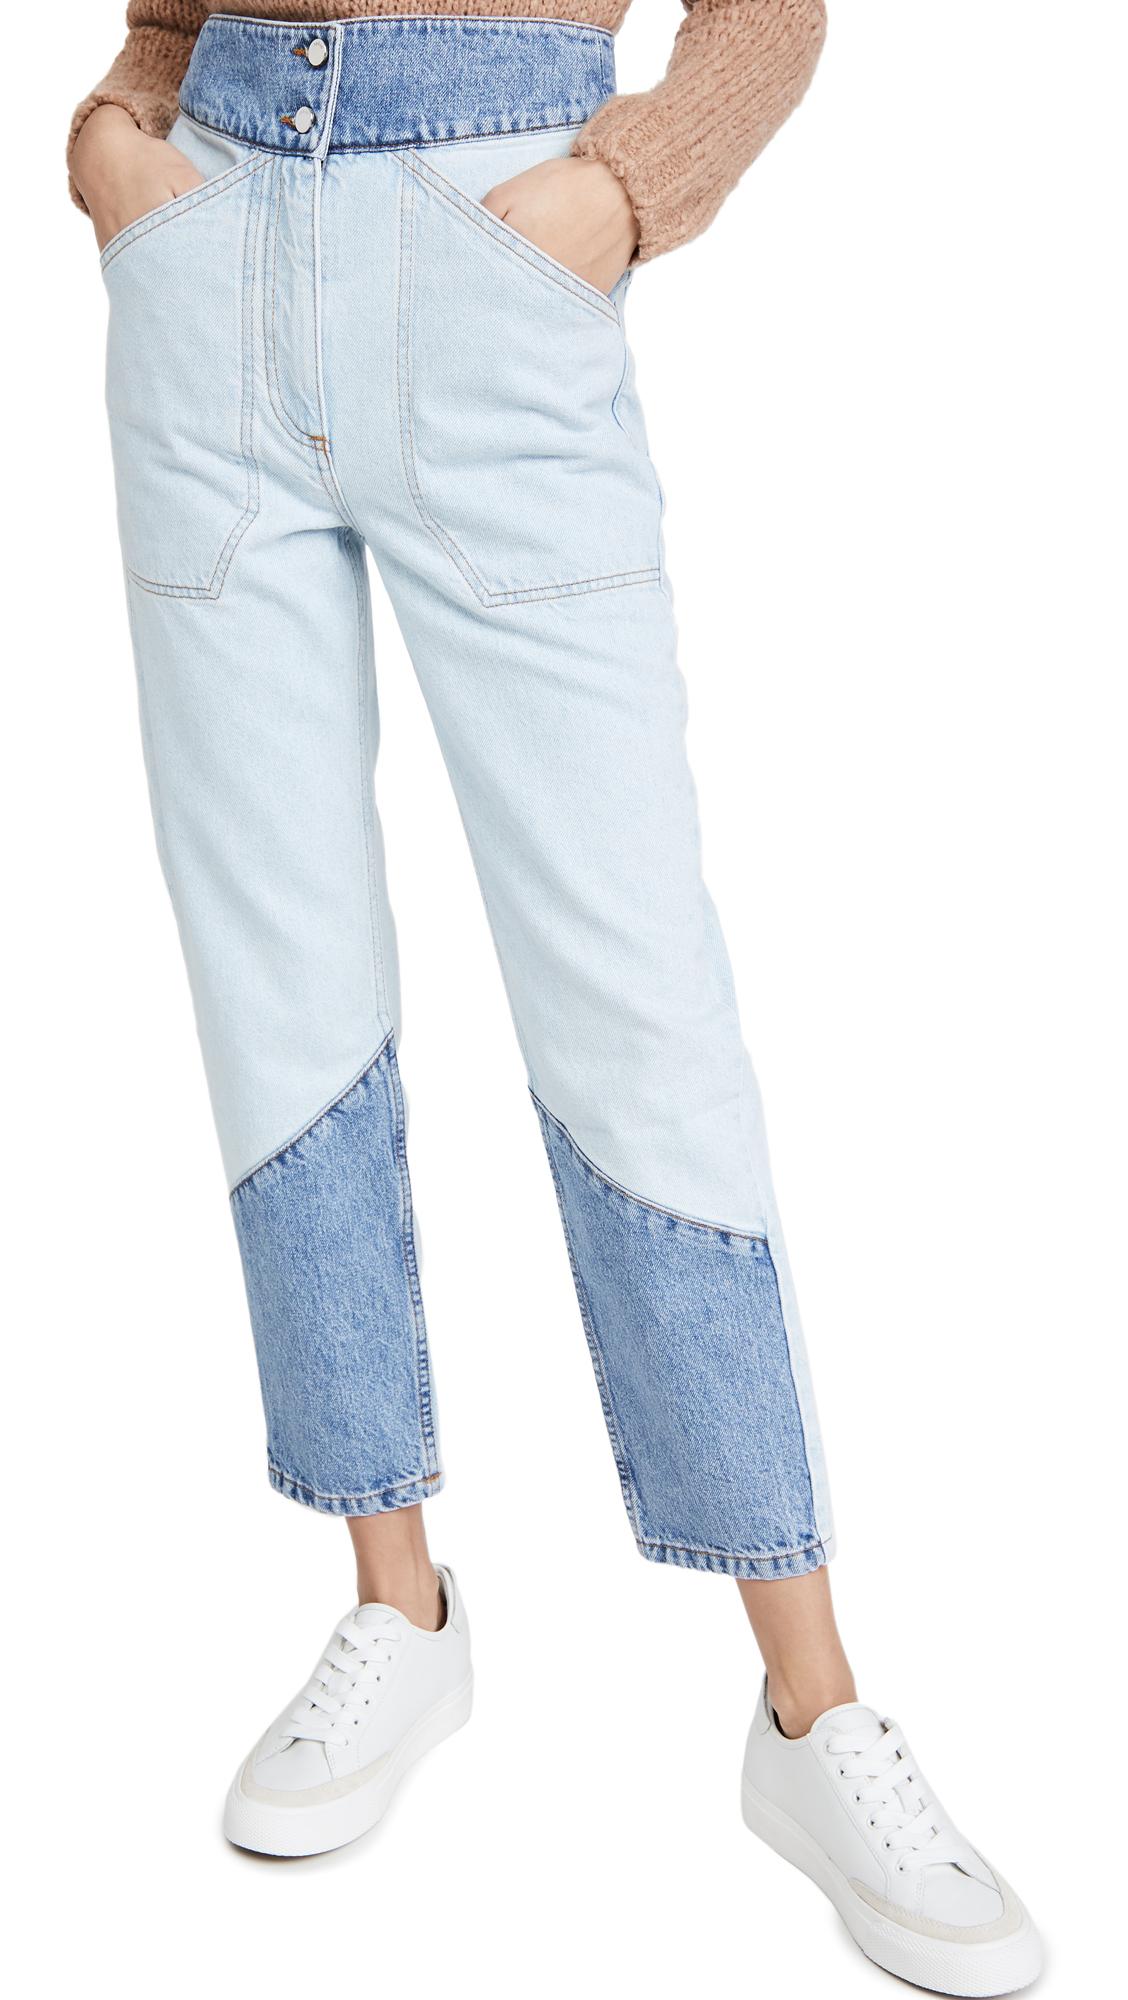 Ba & sh Apolo Jeans